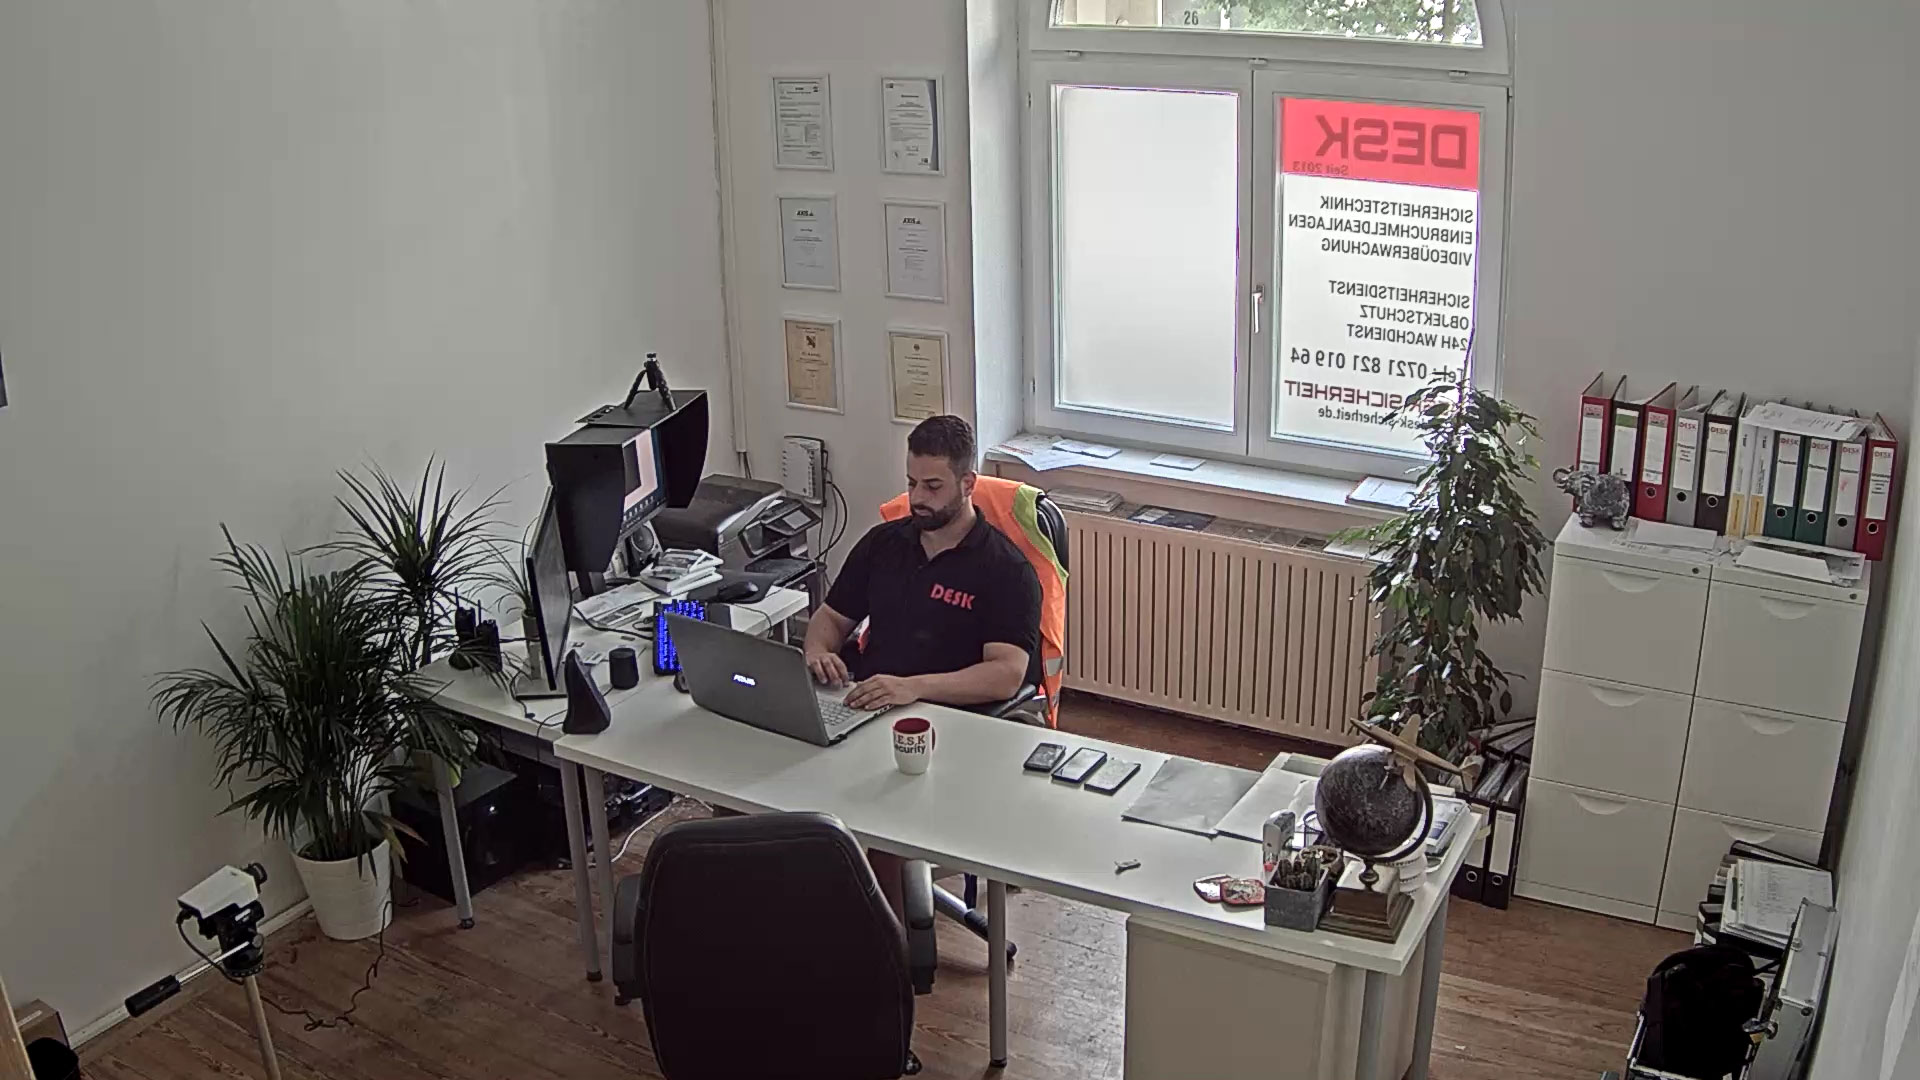 DESK SICHERHEIT WDR VIDEOÜBWERWACHUNG SICHERHEITSDIENST K